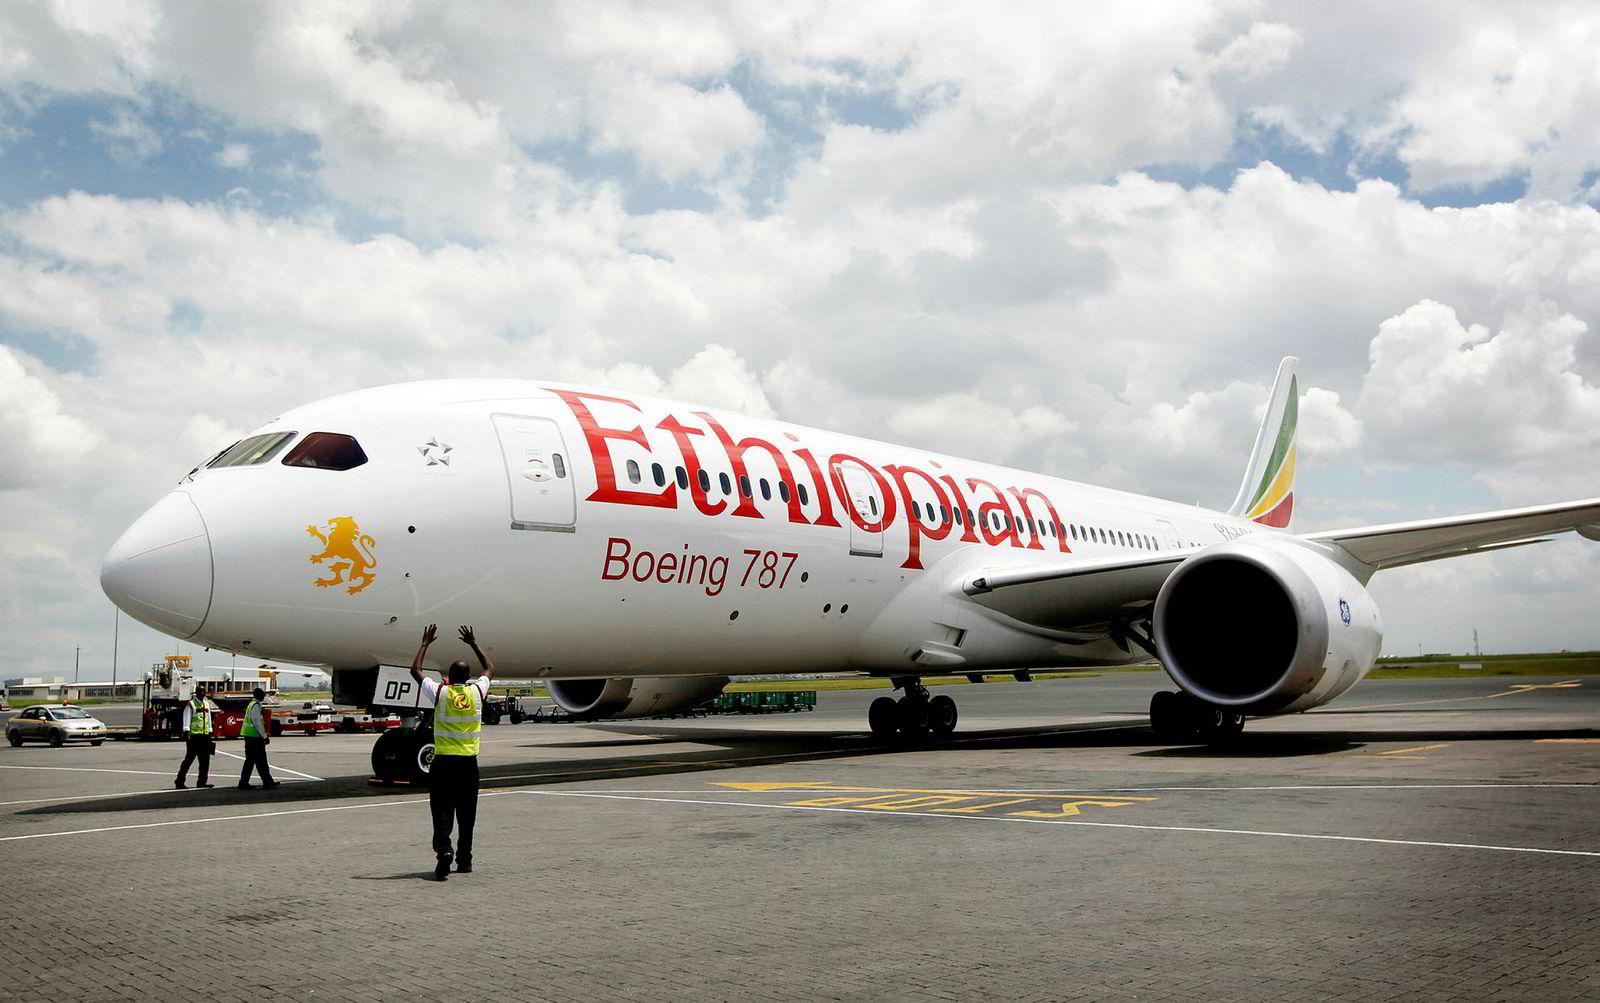 Med en firedobling i passasjerveksten de siste ti årene, og inntekter på om lag 14 milliarder kroner i 2016, har Ethiopian Airlines vokst mer enn de andre afrikanske flyselskapene til sammen.